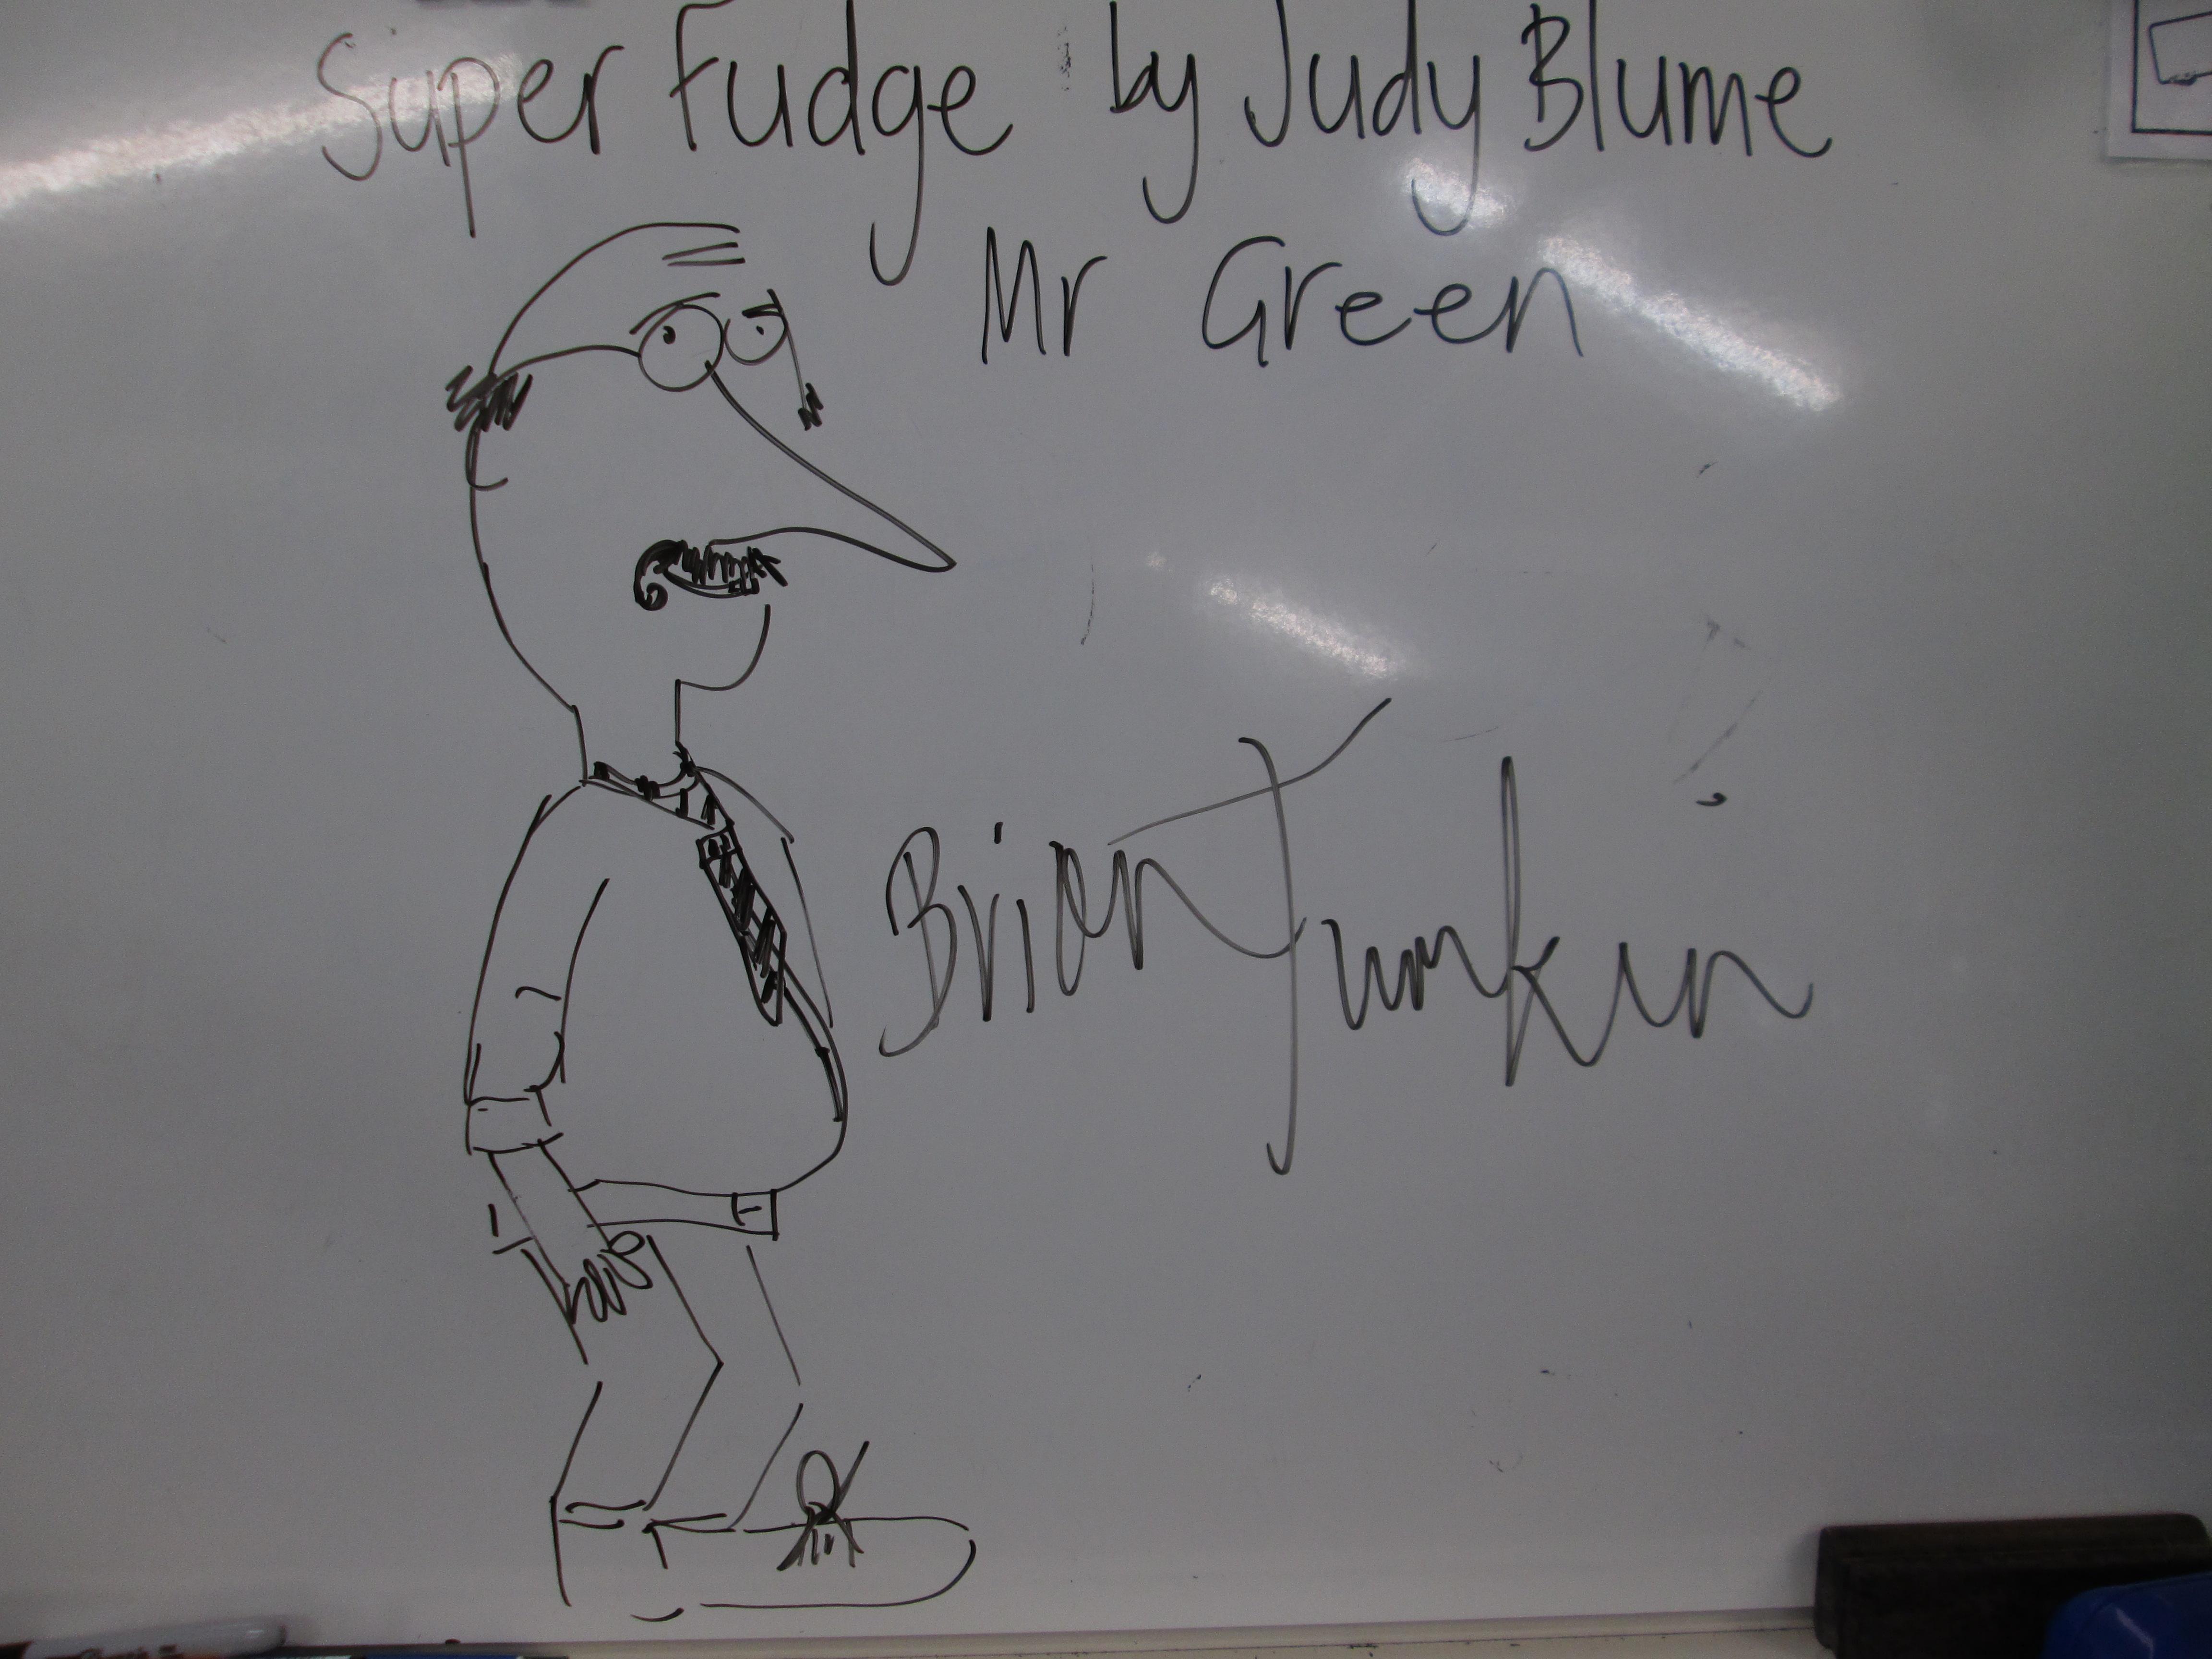 Blockhouse Bay Primary School - Mr Green Drawings